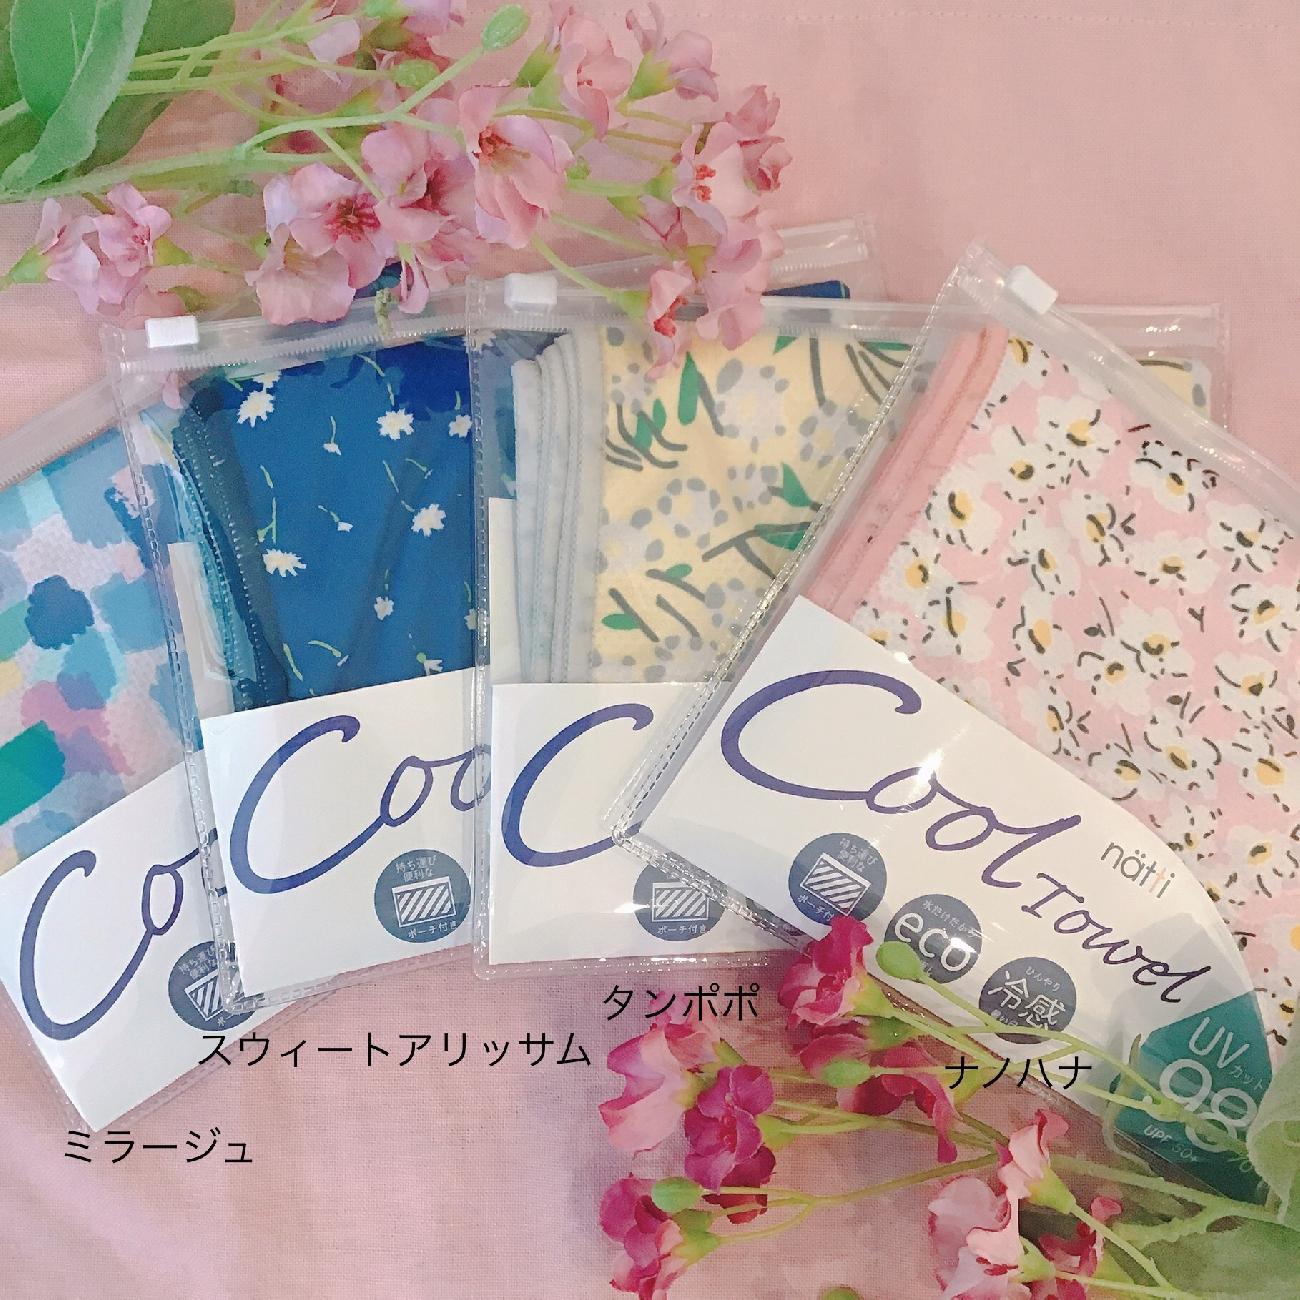 クールタオル/エコ/冷感/暑さ対策/おしゃれ/夏を快適に/ギフト